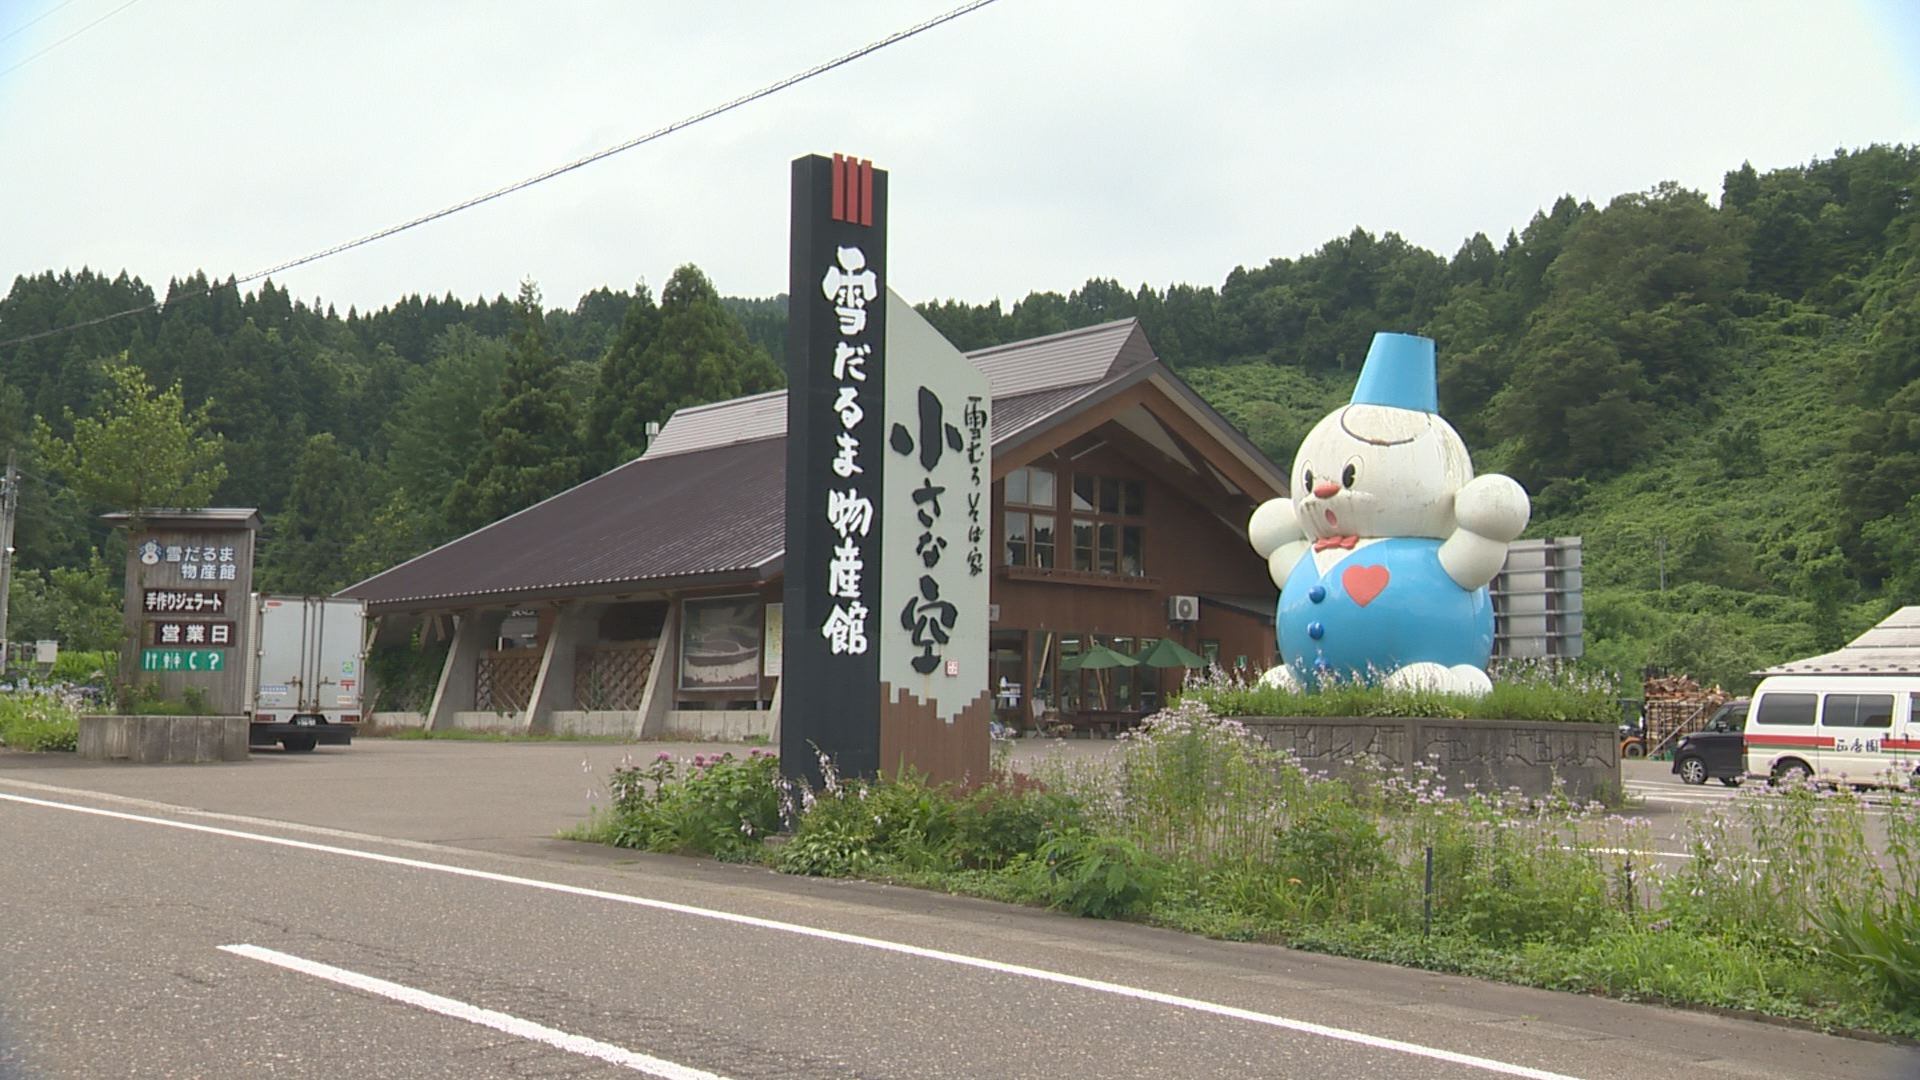 雪だるま物産館 (10)